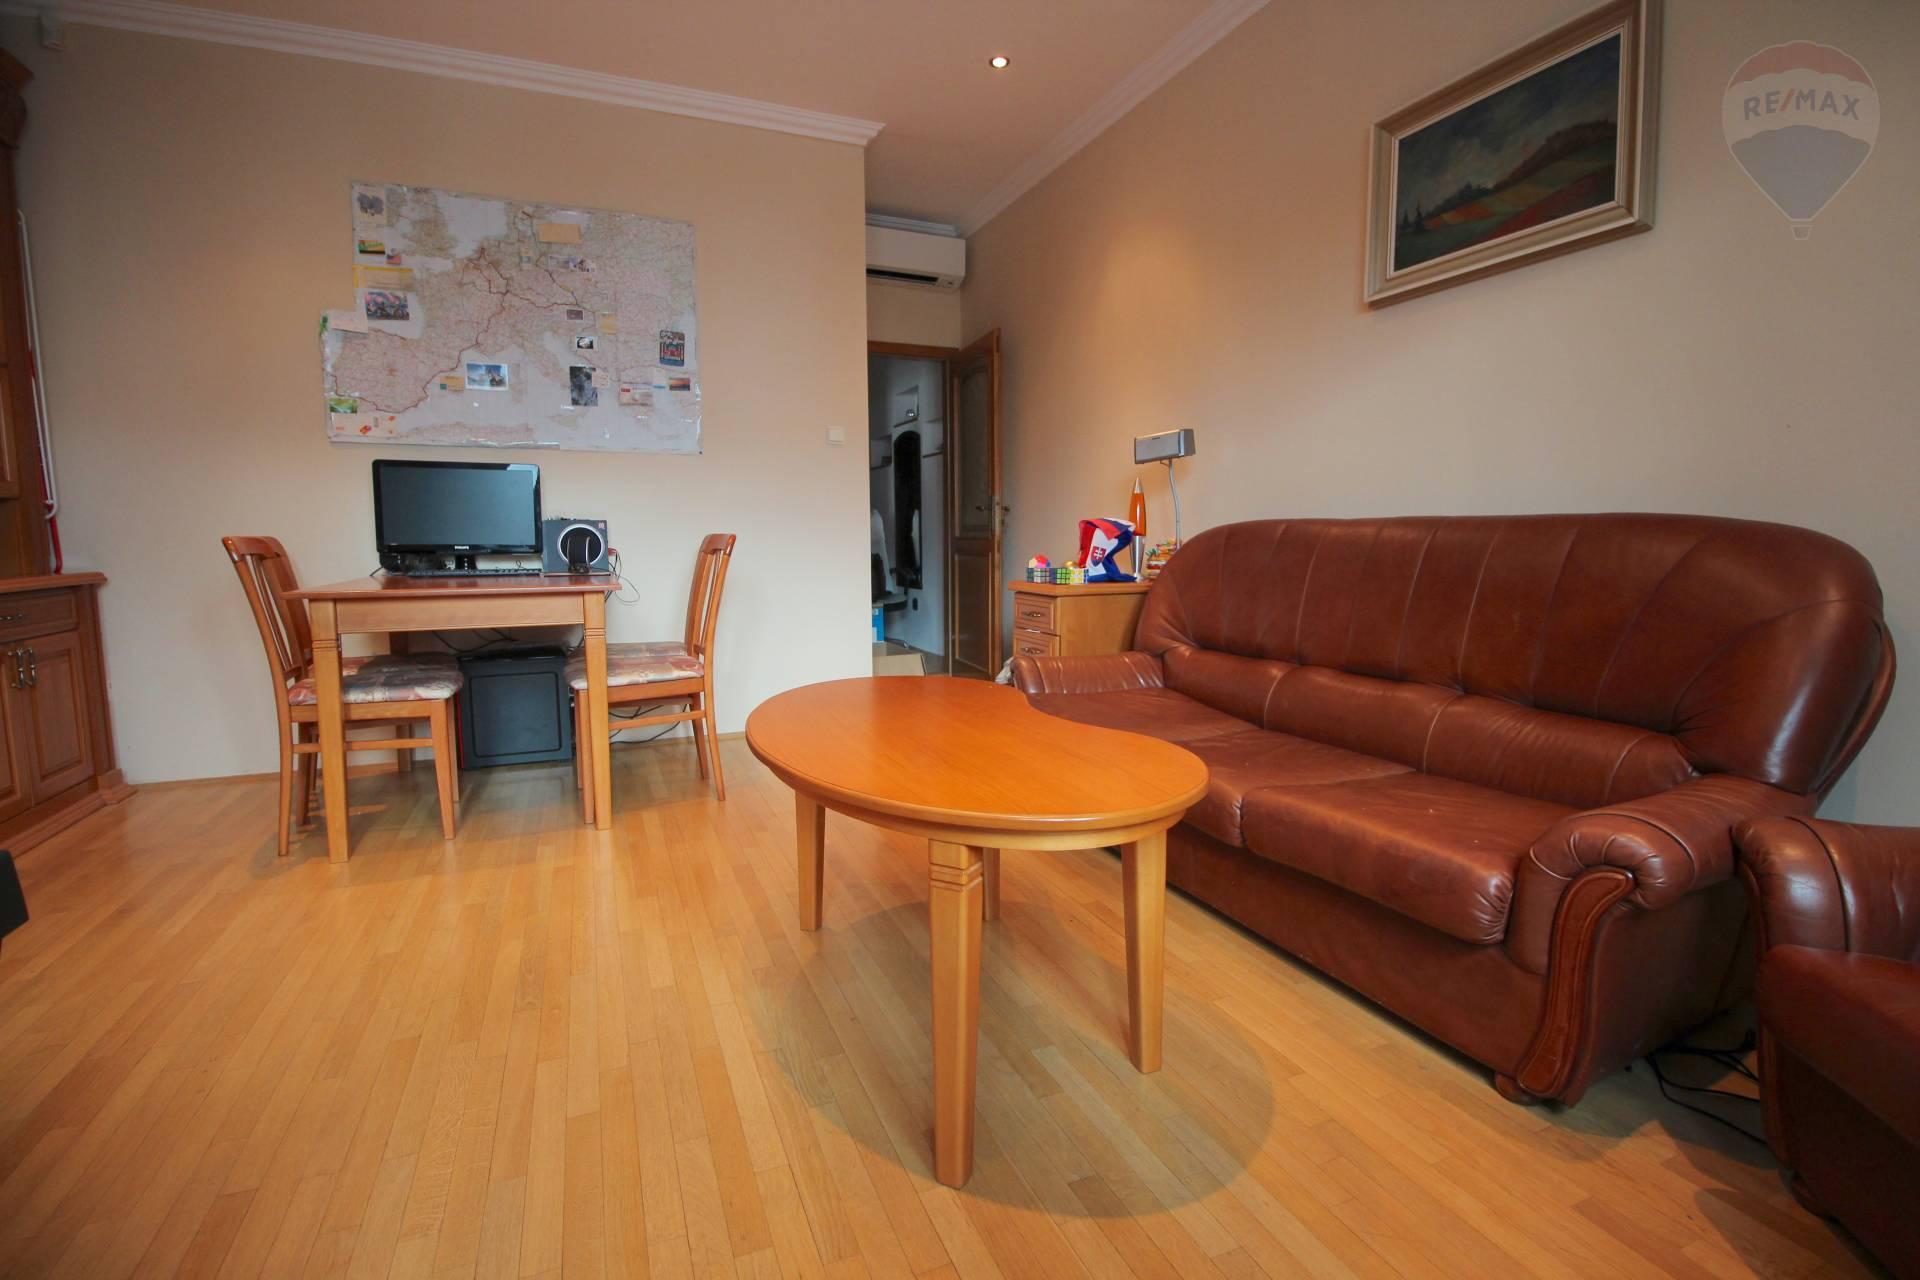 Príjemný 2 izbový byt na prenájom vo vynikajúcej lokalite, Vajnorská ulica